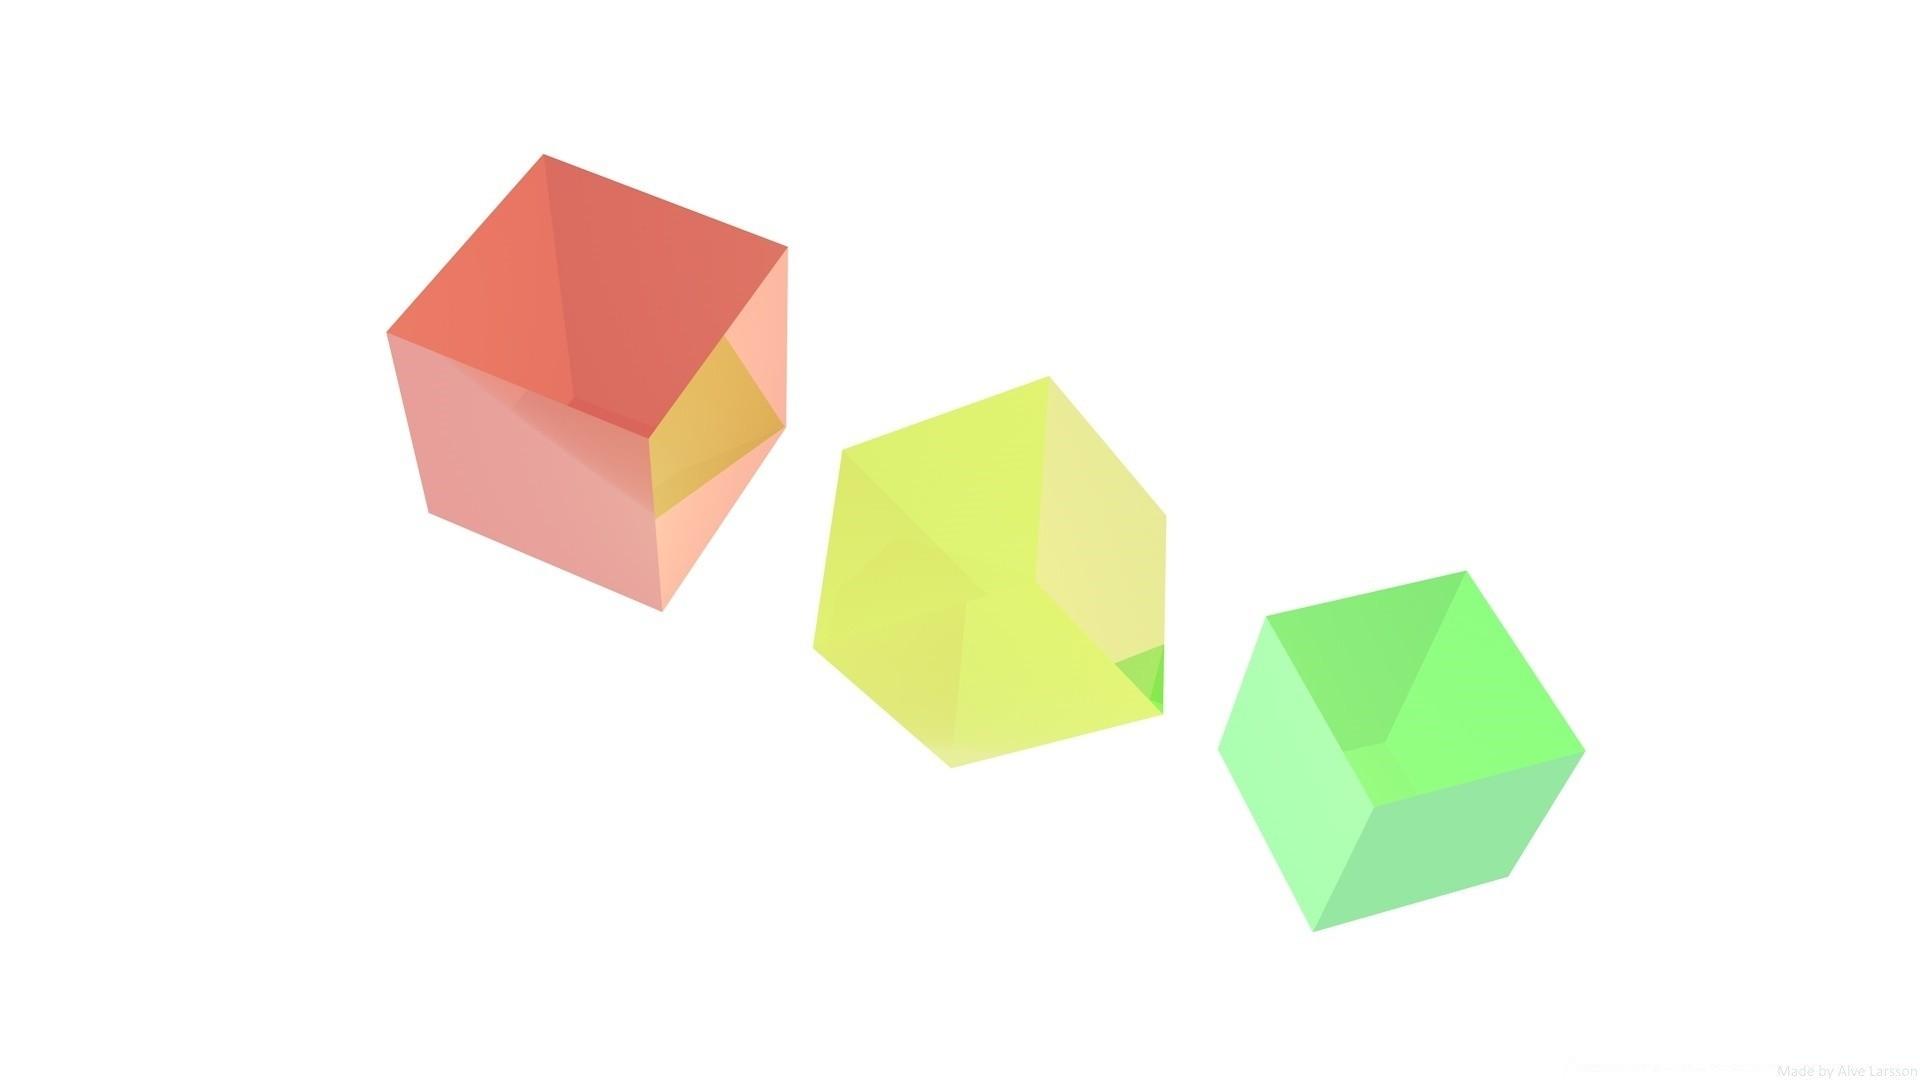 графика скидки акции проценты кубы смотреть